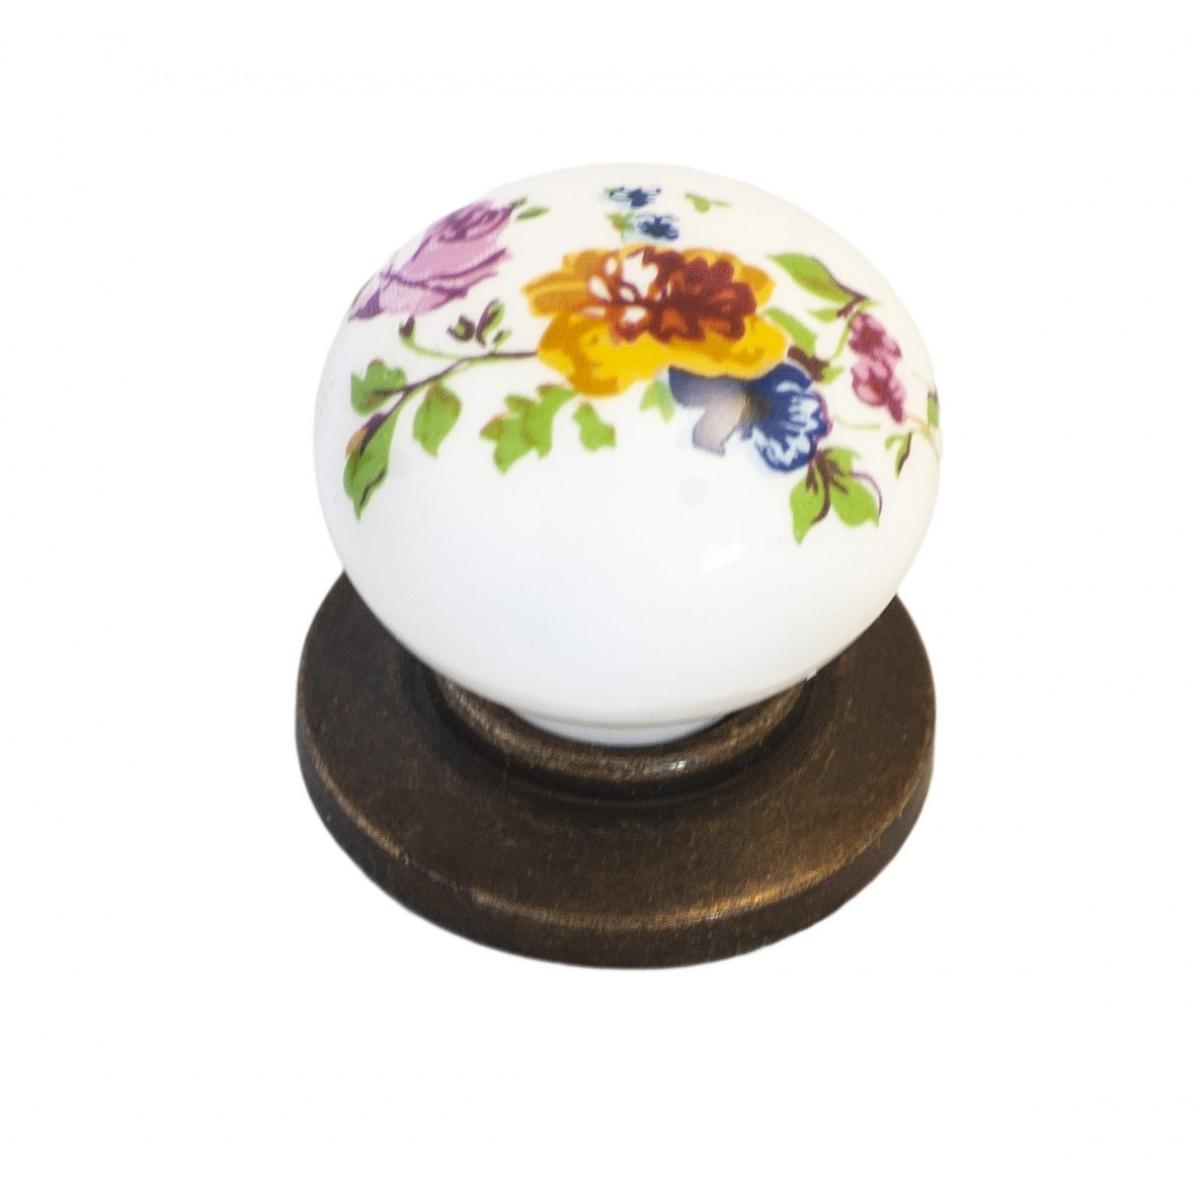 Ручка мебельная Ozkardesler 6073-08/42 керамика KURE PULLU PORSELEN Бронза Цветы